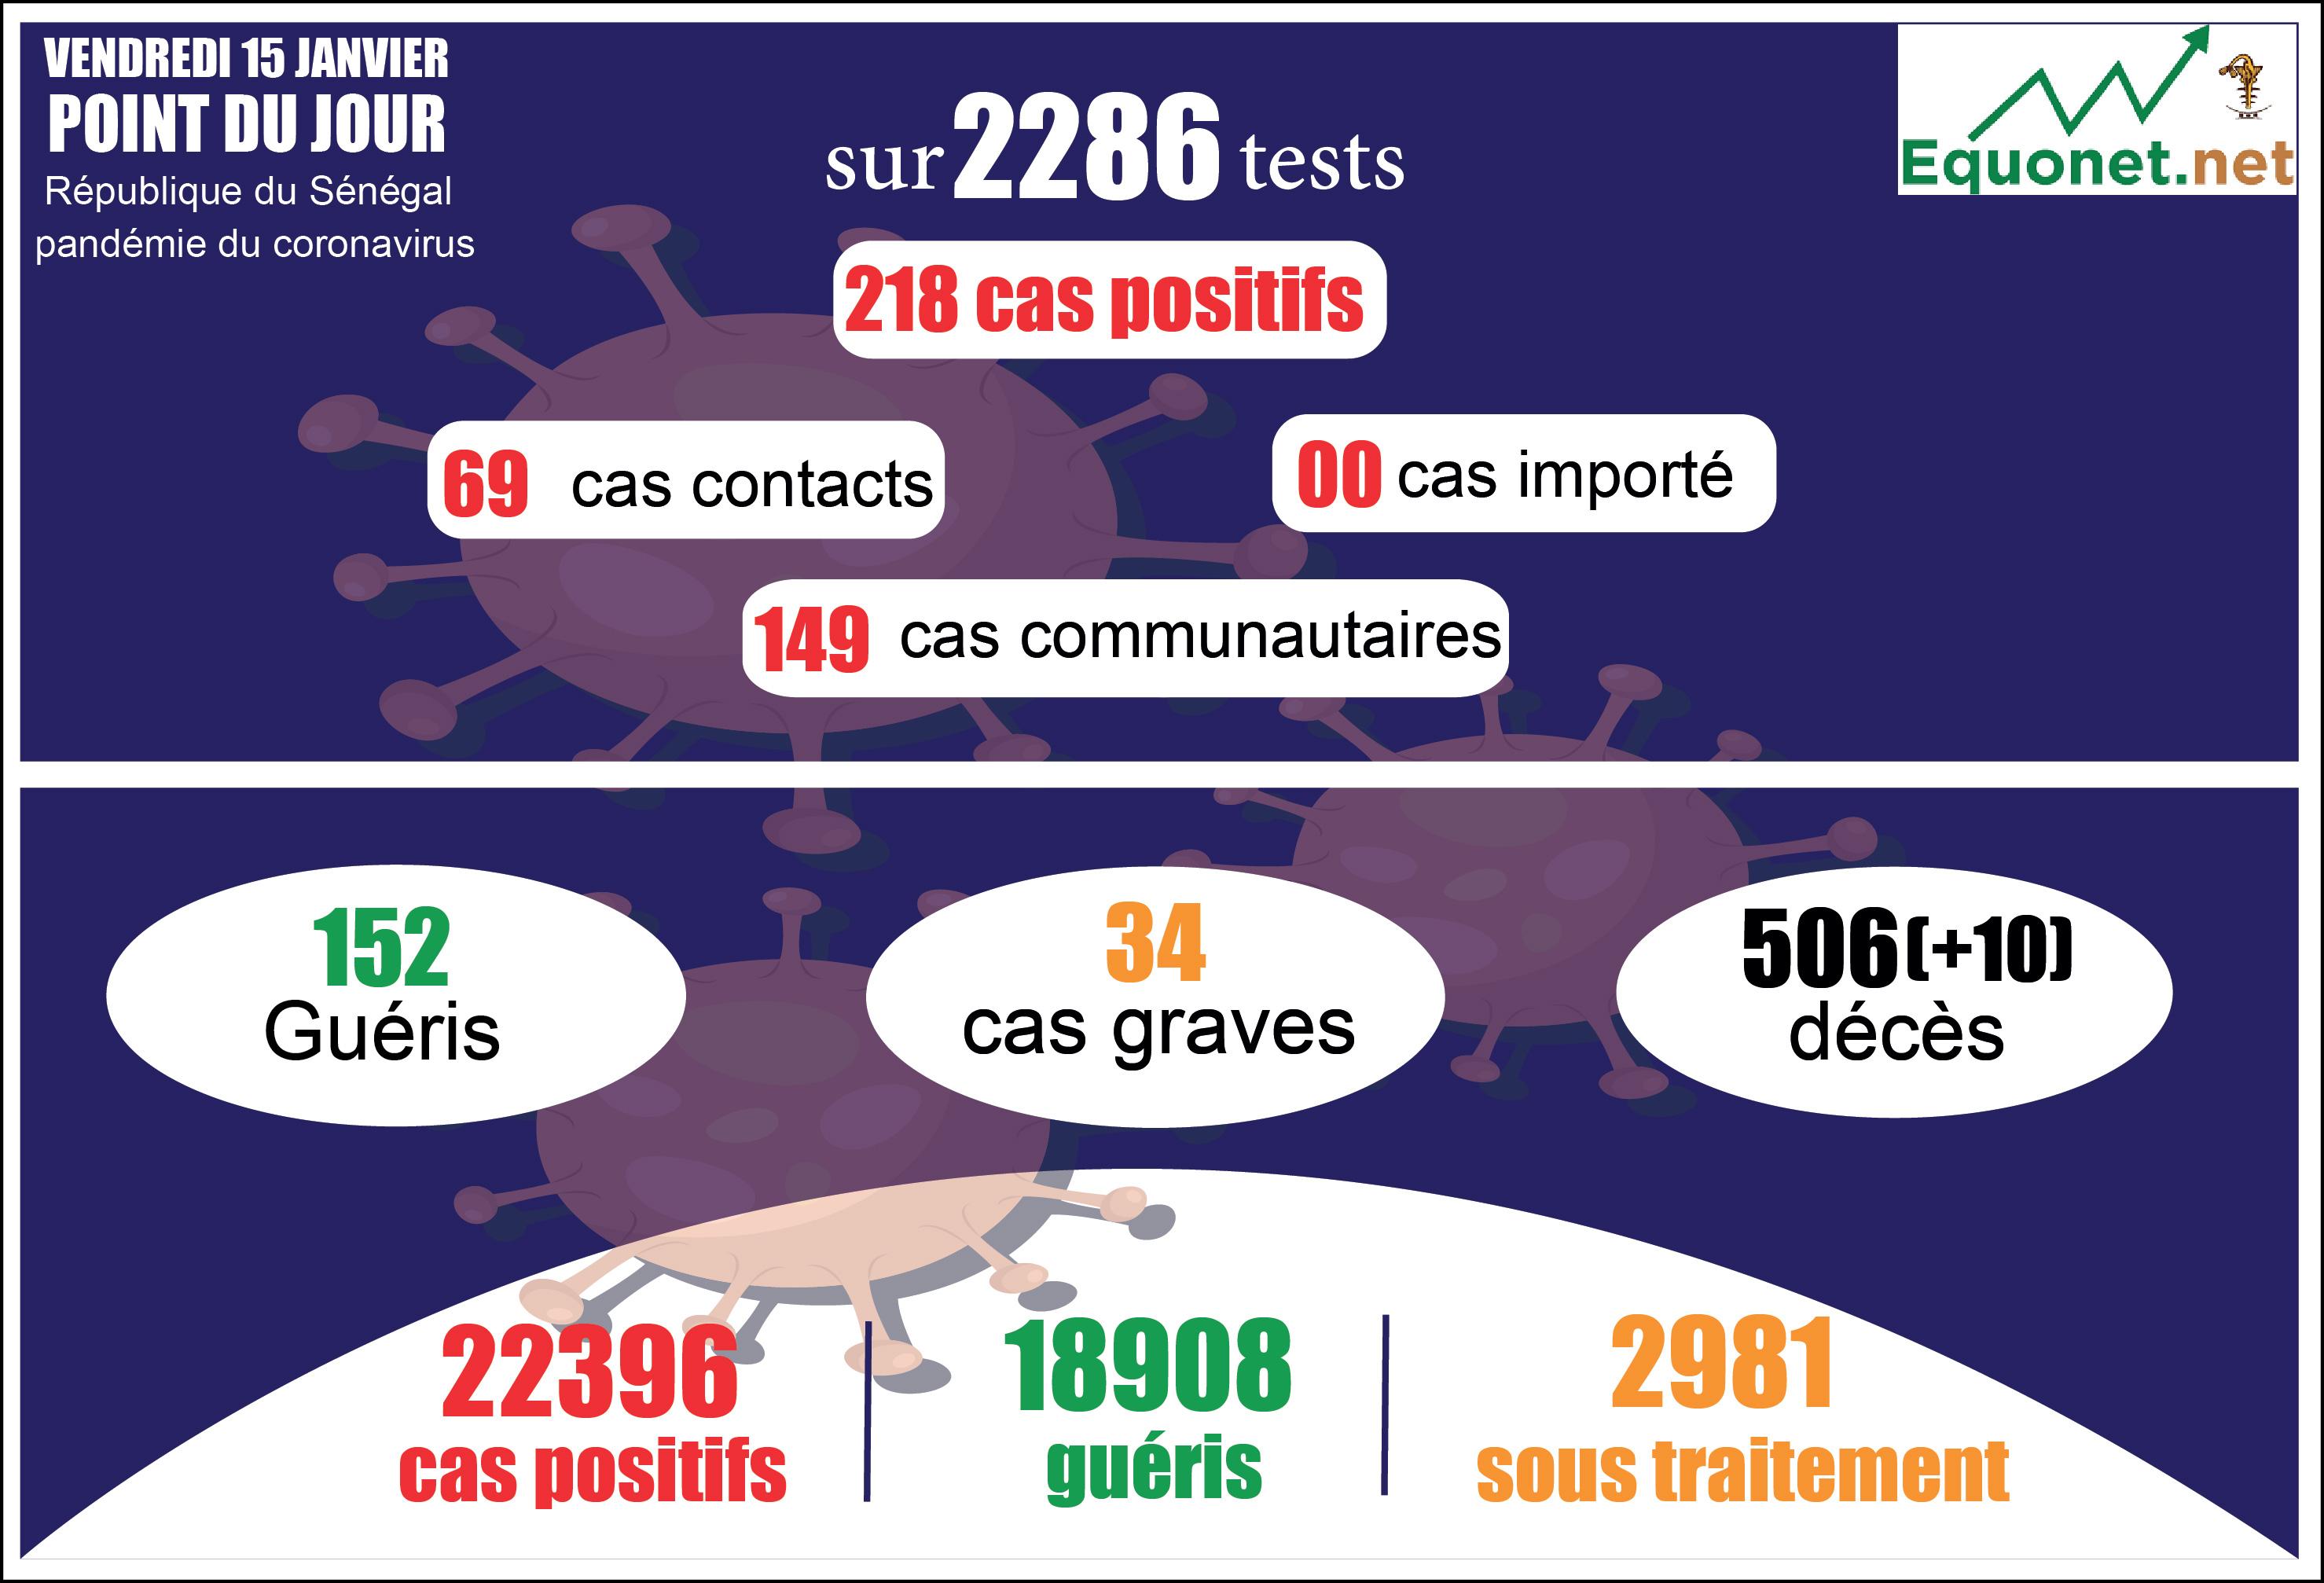 pandémie du coronavirus-covid-19 au sénégal : 149 cas communautaires ont été enregistrés ce vendredi 15 janvier 2021